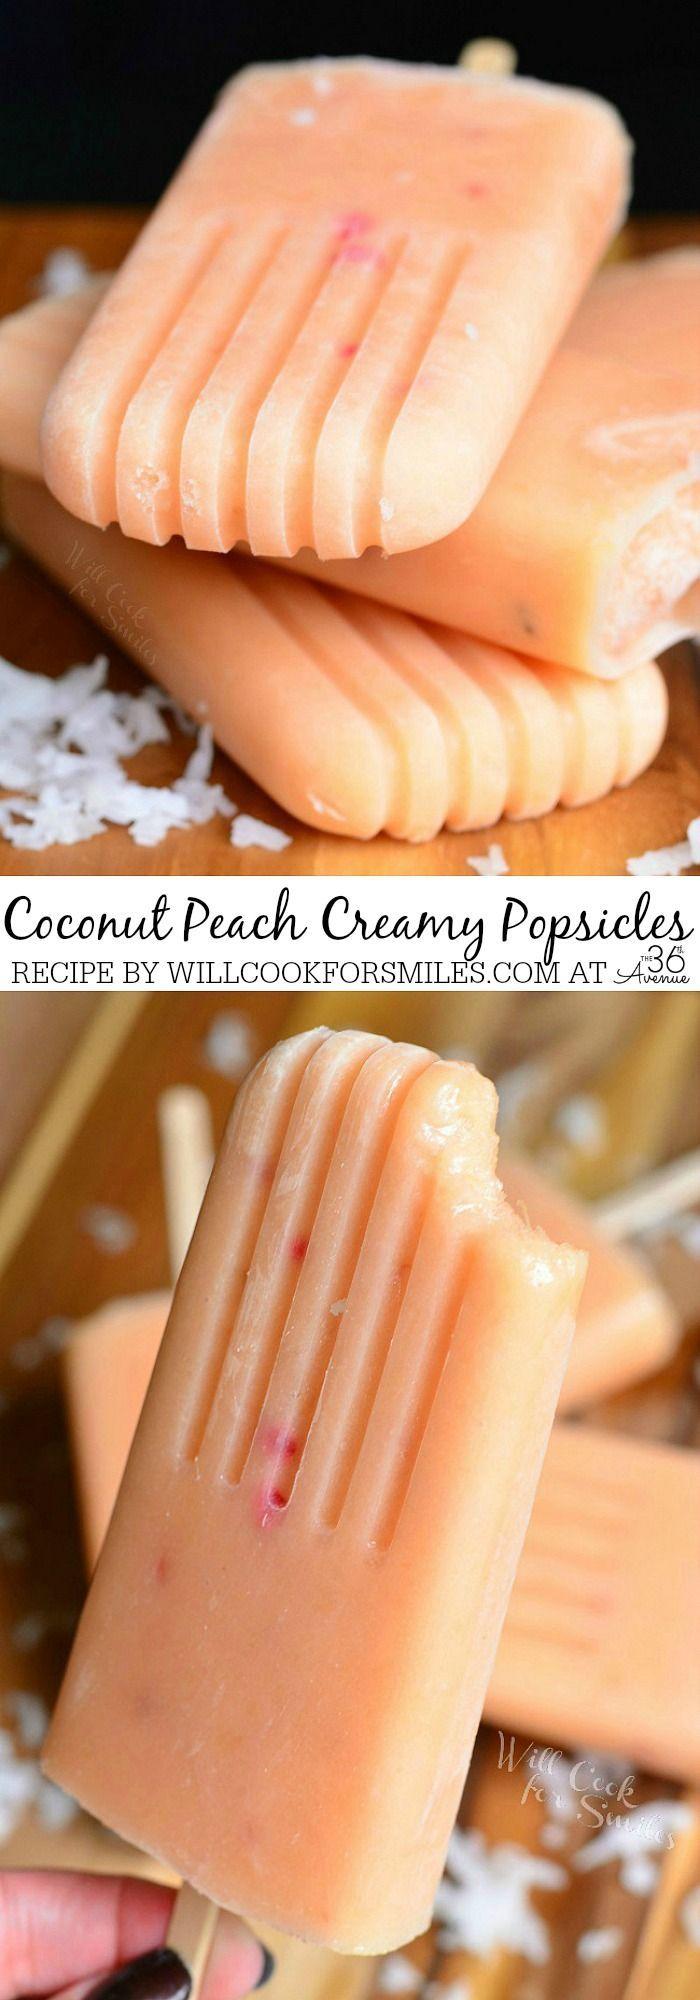 Coconut Peach Creamy Popsicles Recipe Popsicle recipes